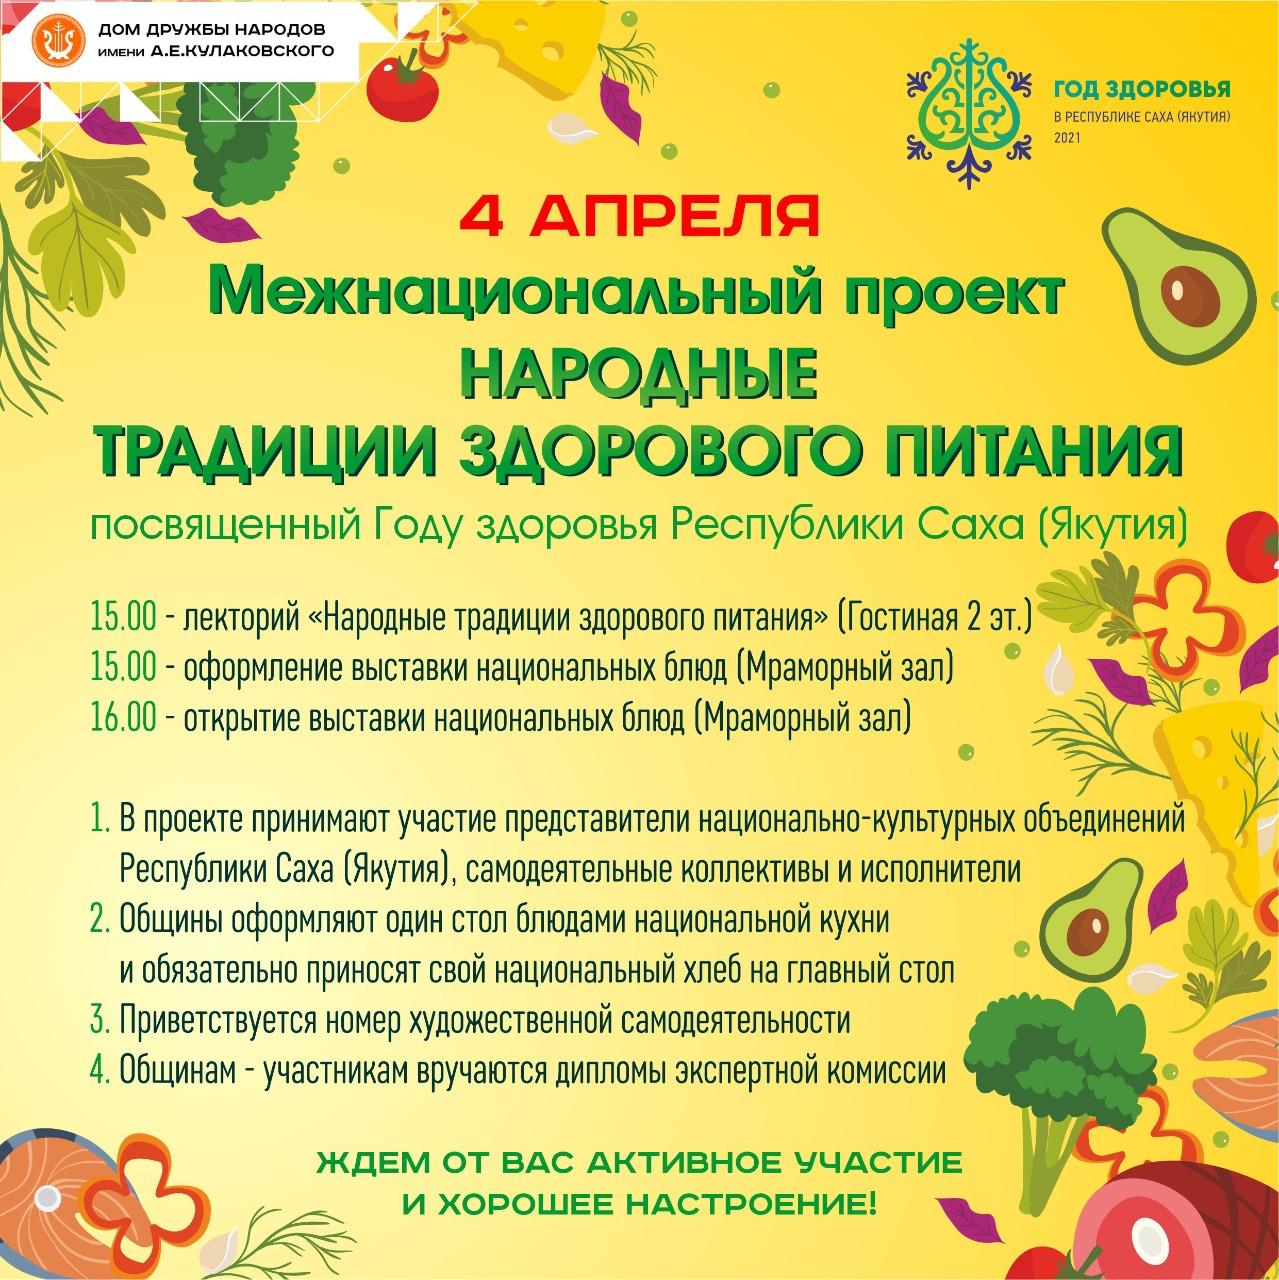 Дом дружбы народов приглашает на межнациональный проект «Народные традиции здорового питания»